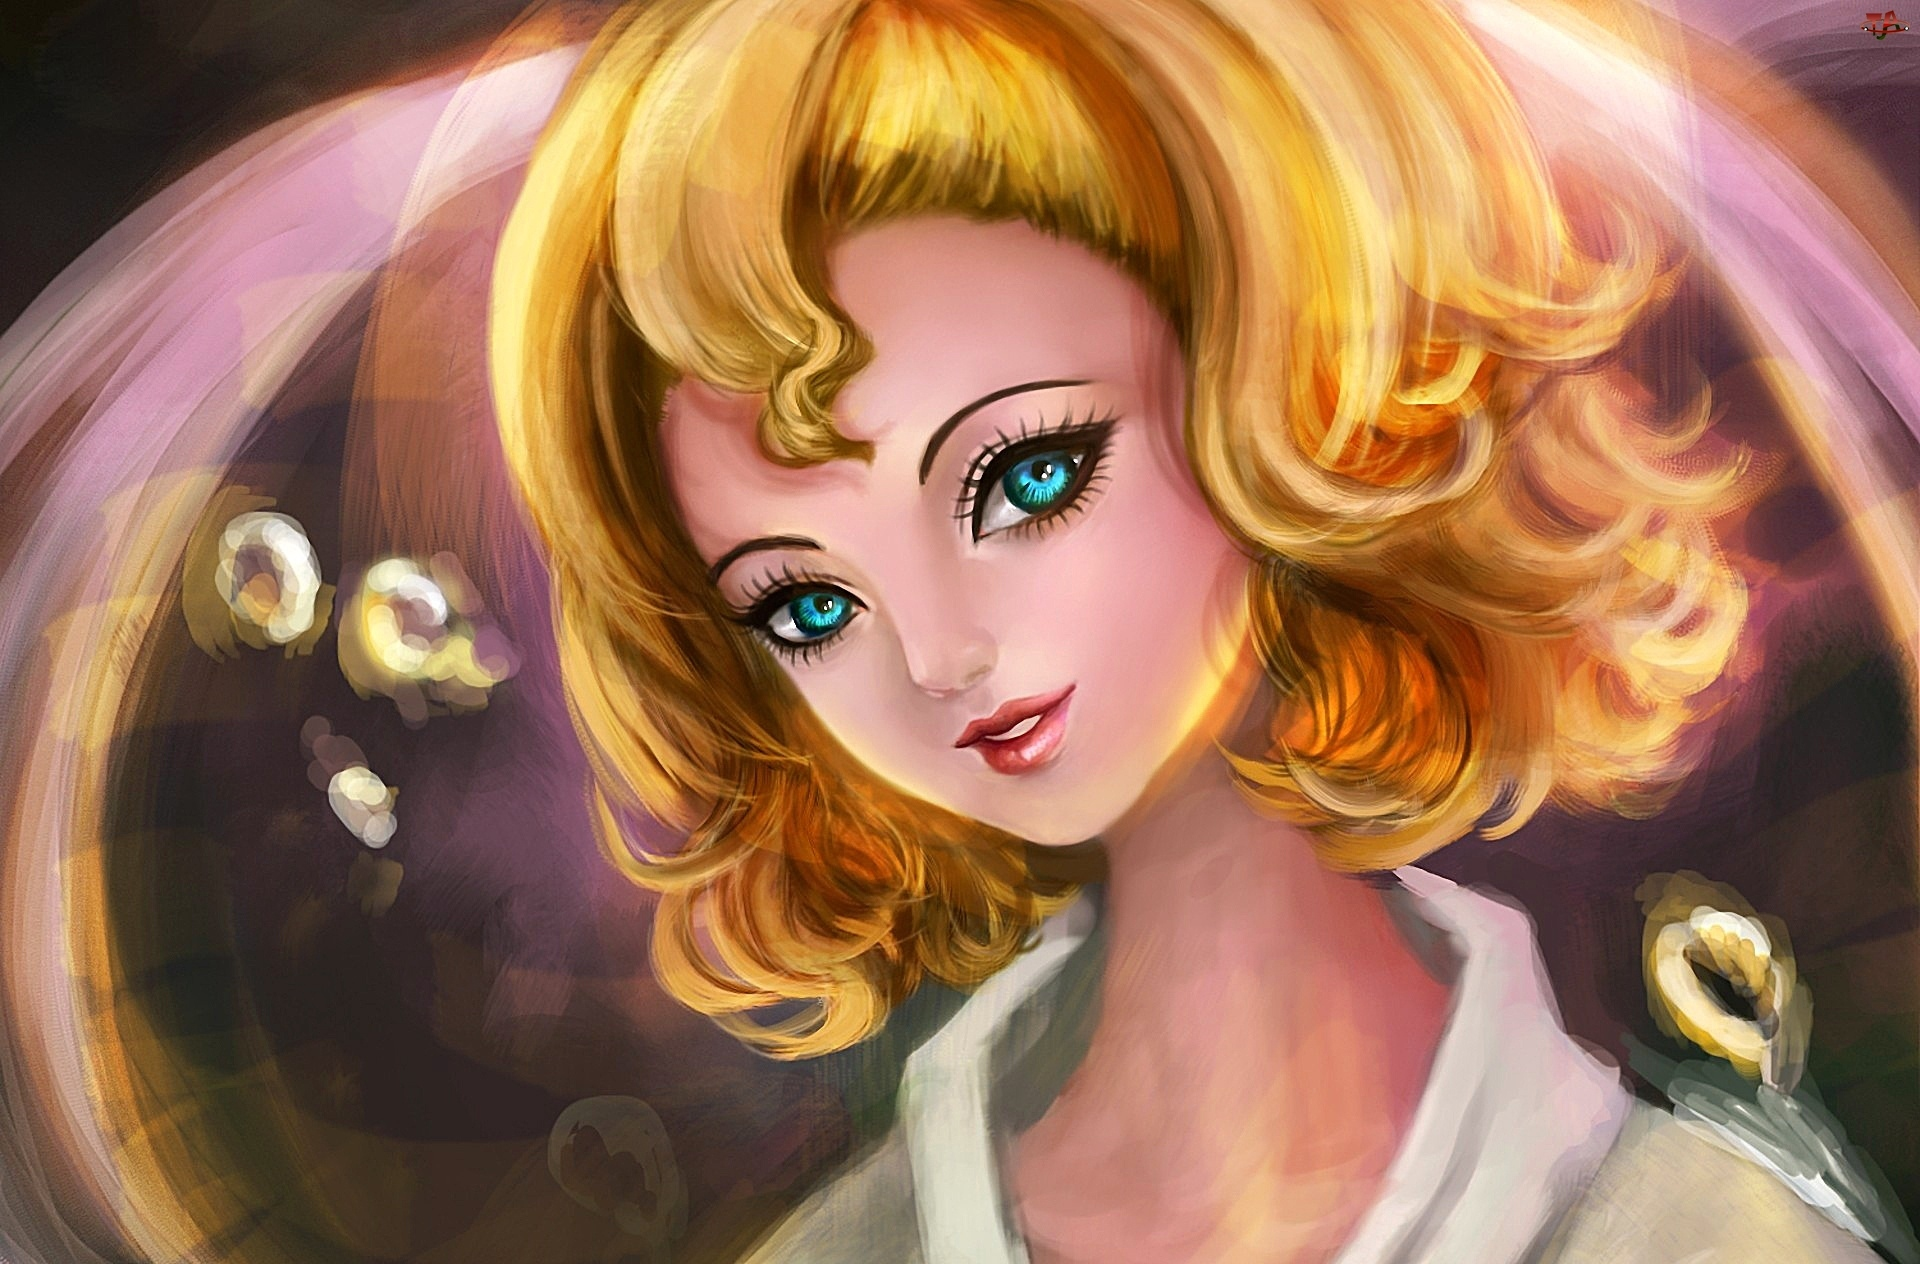 Spojrzenie, Kobieta, Blondynka